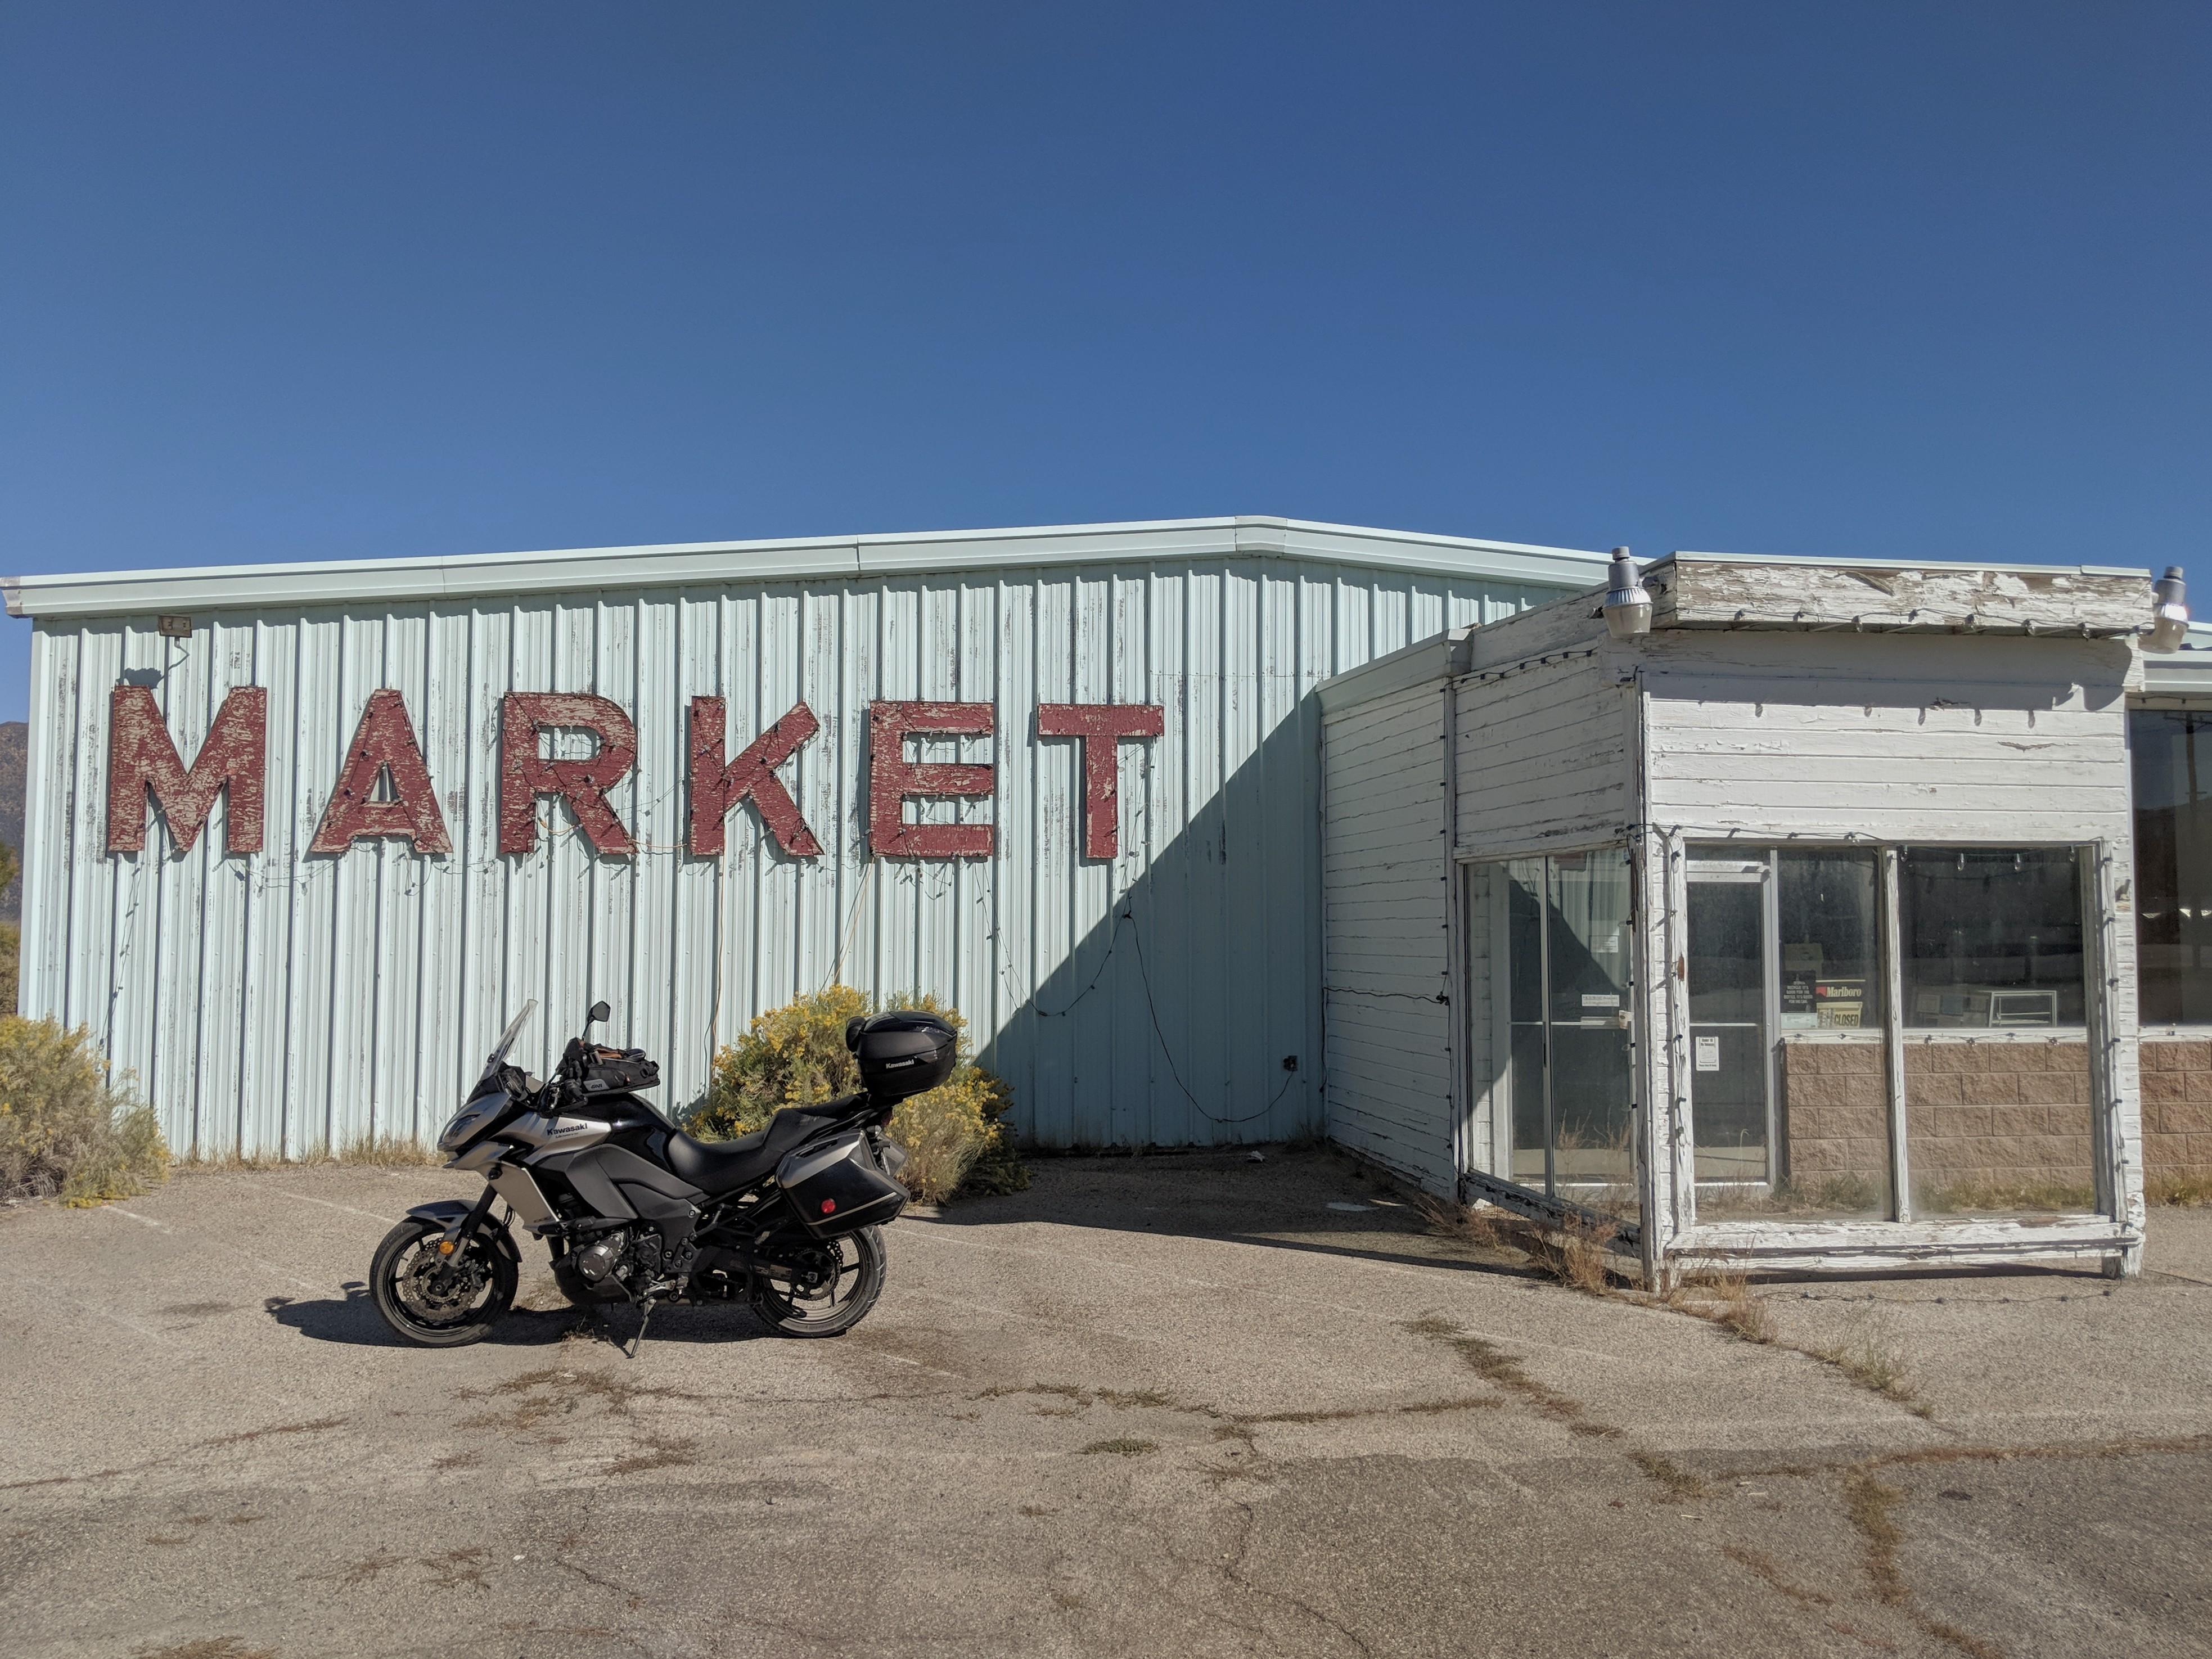 Un supermercato abbandonato ai limiti dell'abitato di Bridgeport si presta perfettamente per una foto che ricrei una certa immagine dell'America.